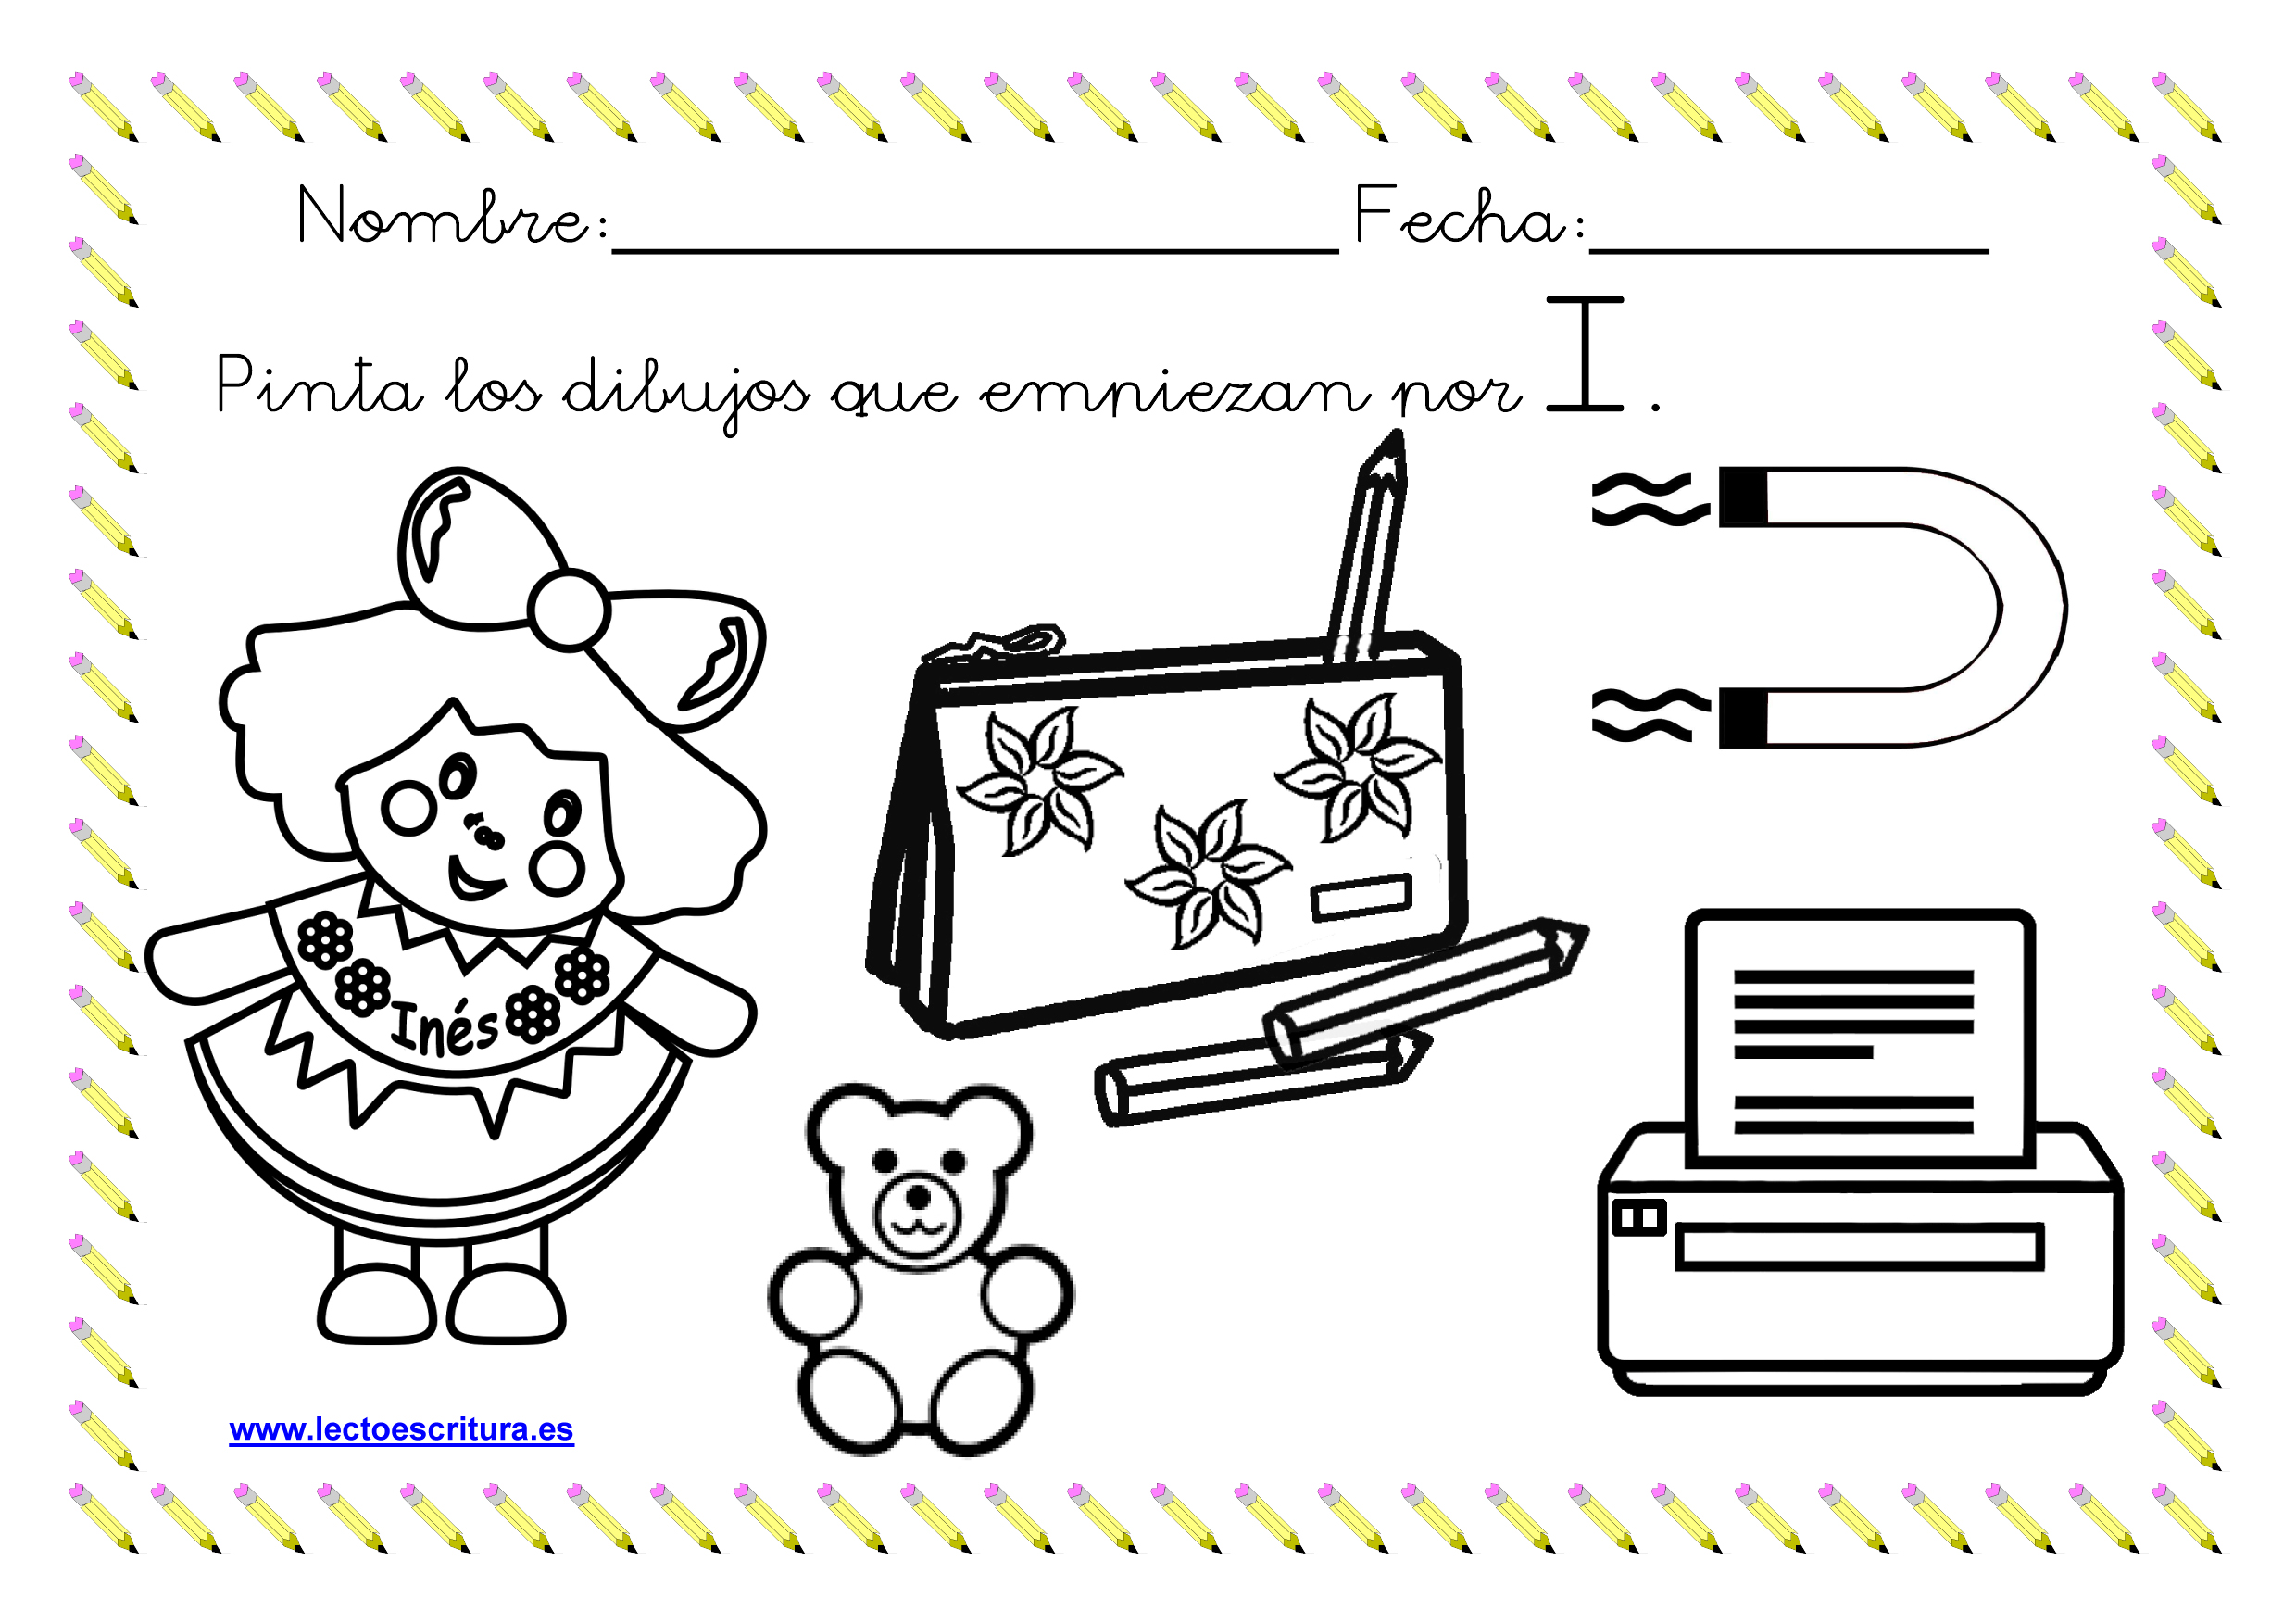 Dibujos Para Colorear Que Empiecen Con La Letra A: Www.lectoescritura.es. Ficha Colorear Dibujos Que Empiezan